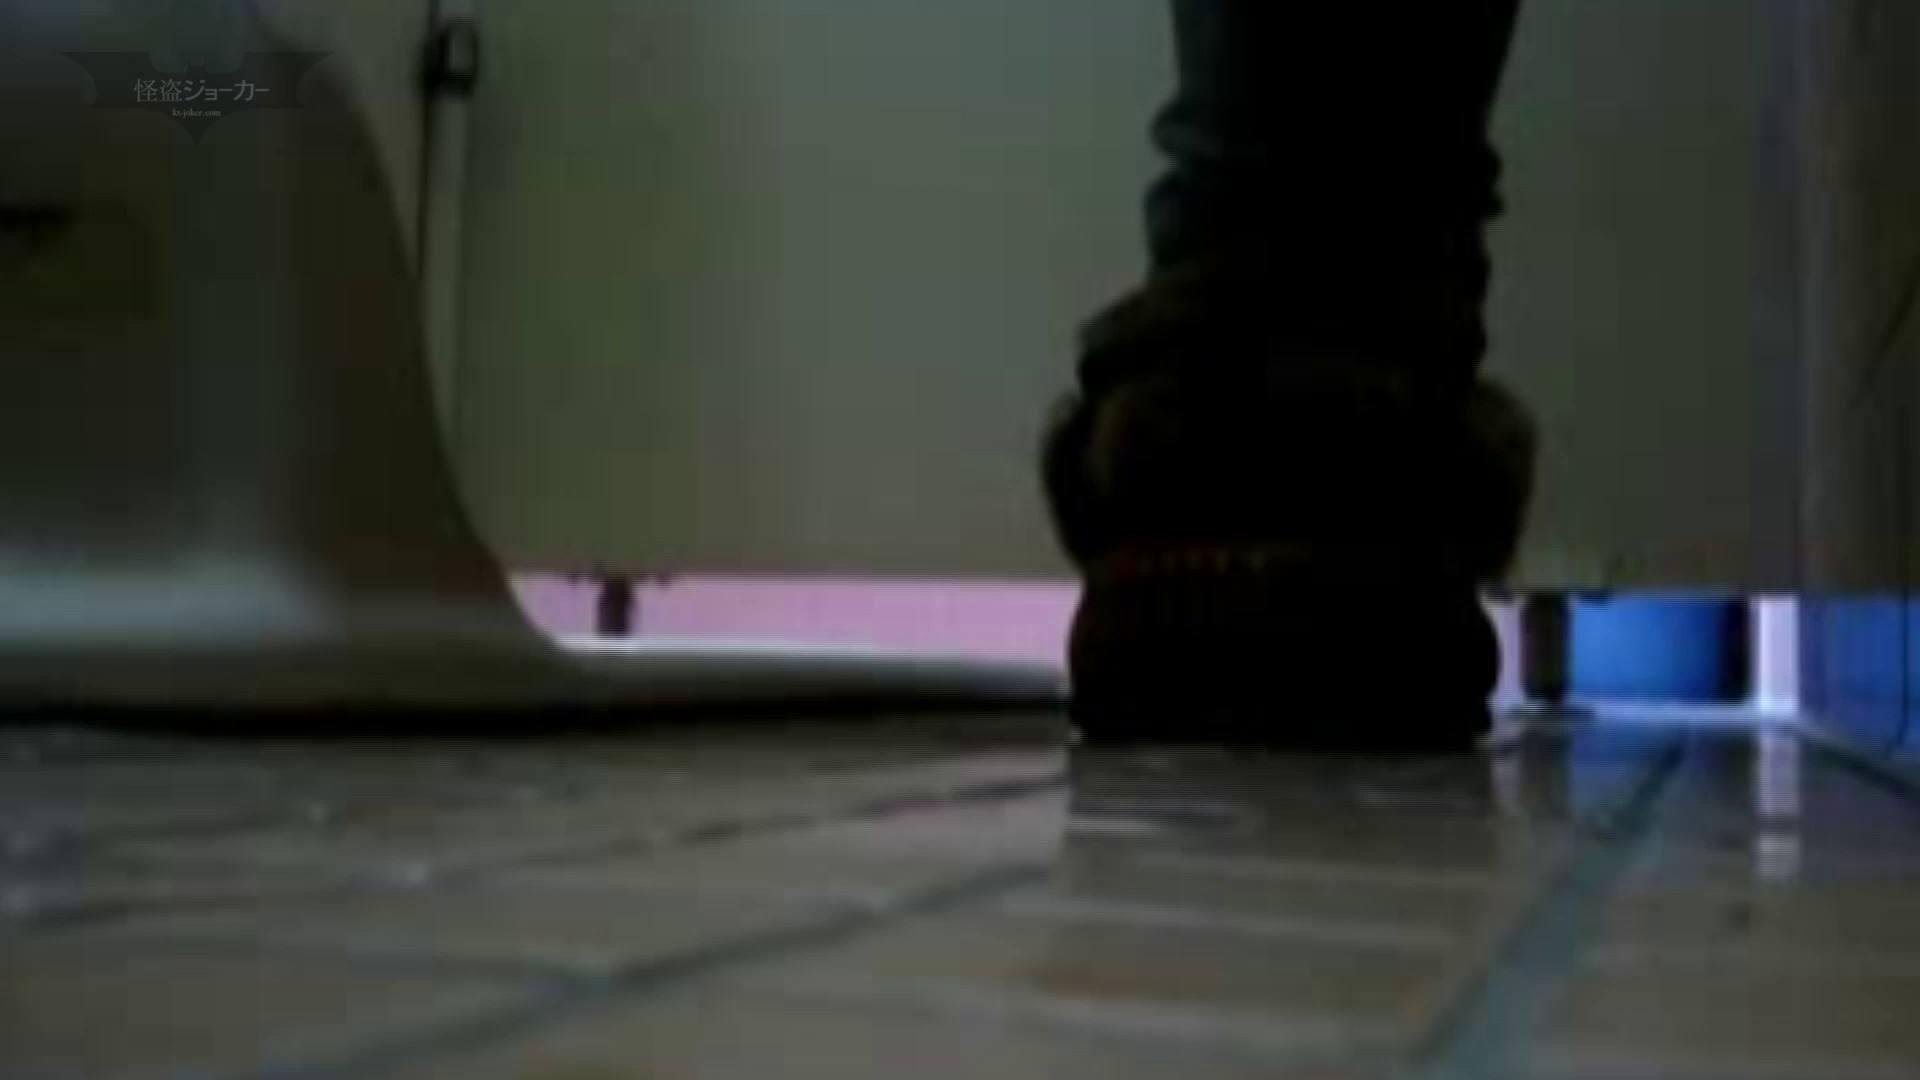 化粧室絵巻 番外編編 VOL.02 銀河さん庫出し映像2!!映像が・・・ 洗面所のぞき オメコ動画キャプチャ 101枚 7